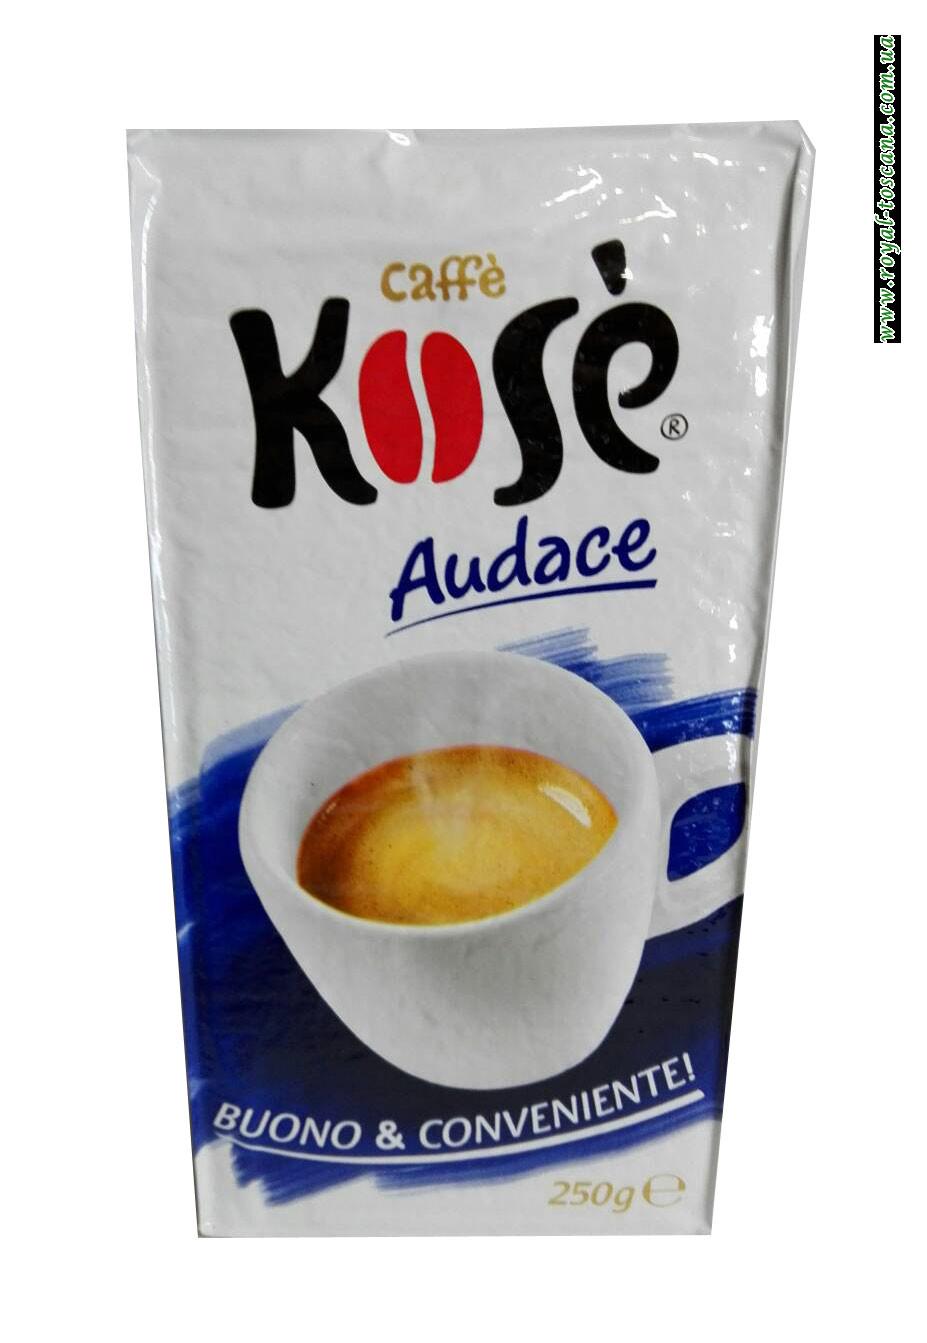 Кофе молотый Kose Audace